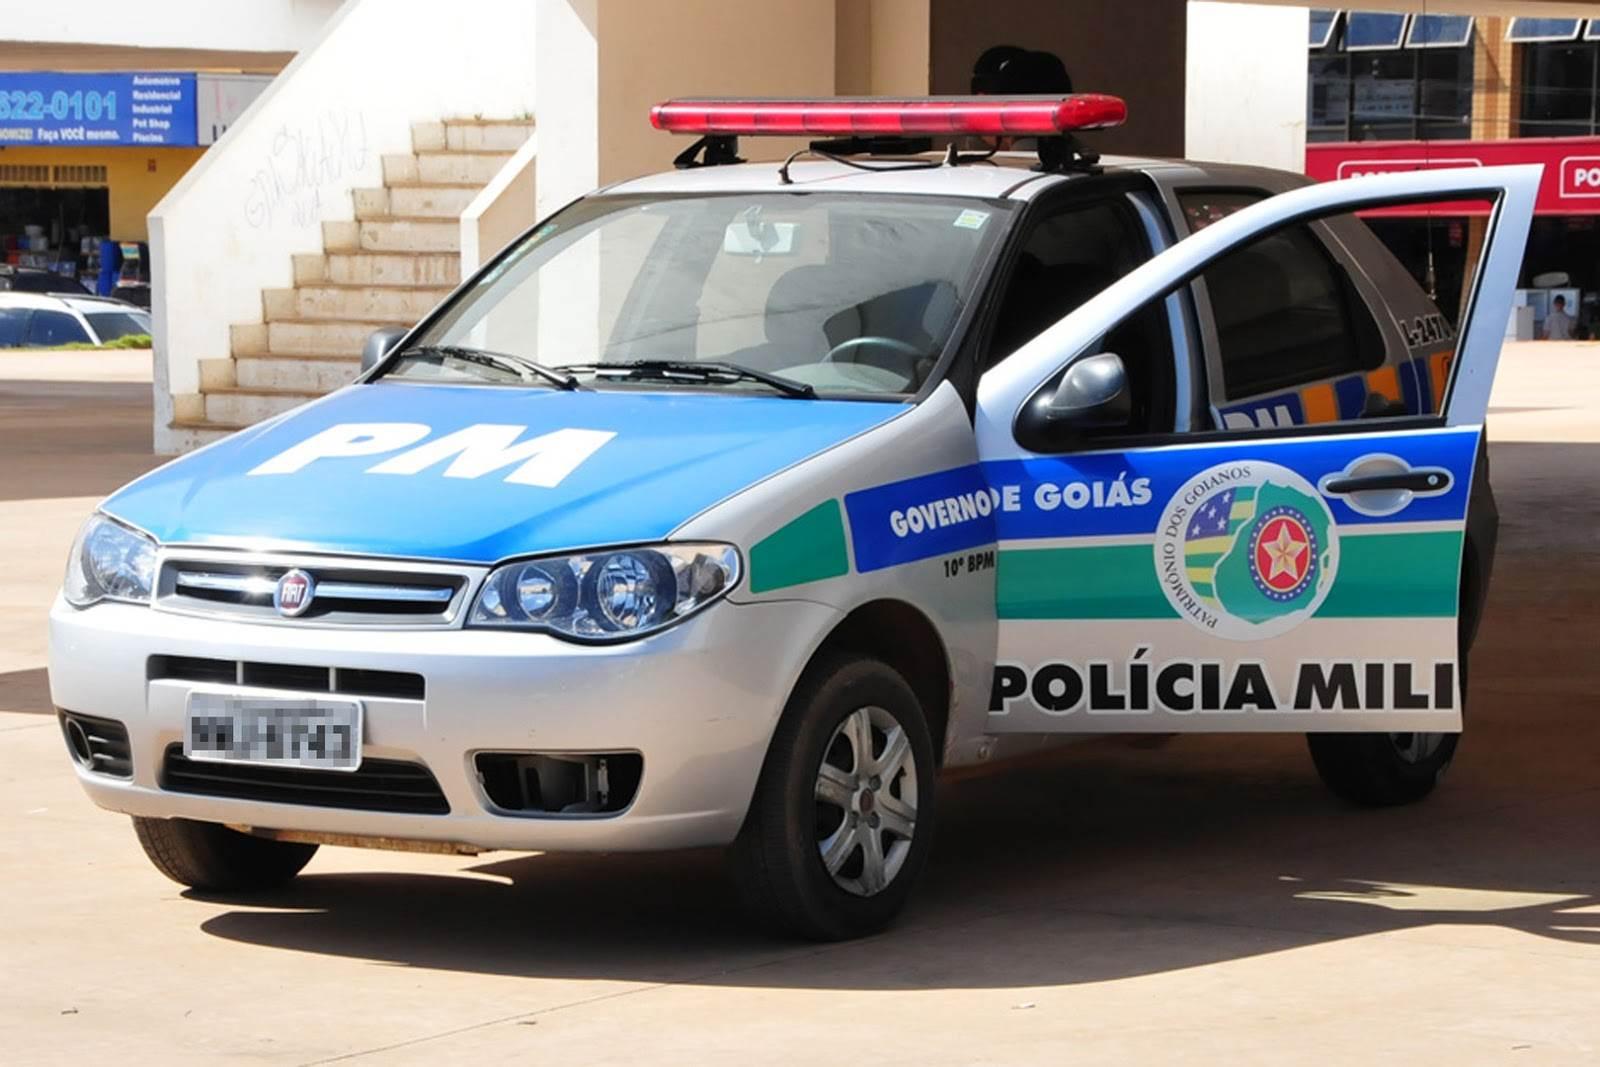 Segundo os autos, os policiais militares cobraram R$ 3 mil para devolver a arma de fogo de um vigilante, apreendida quando este saía do serviço| Foto: Ilustrativa